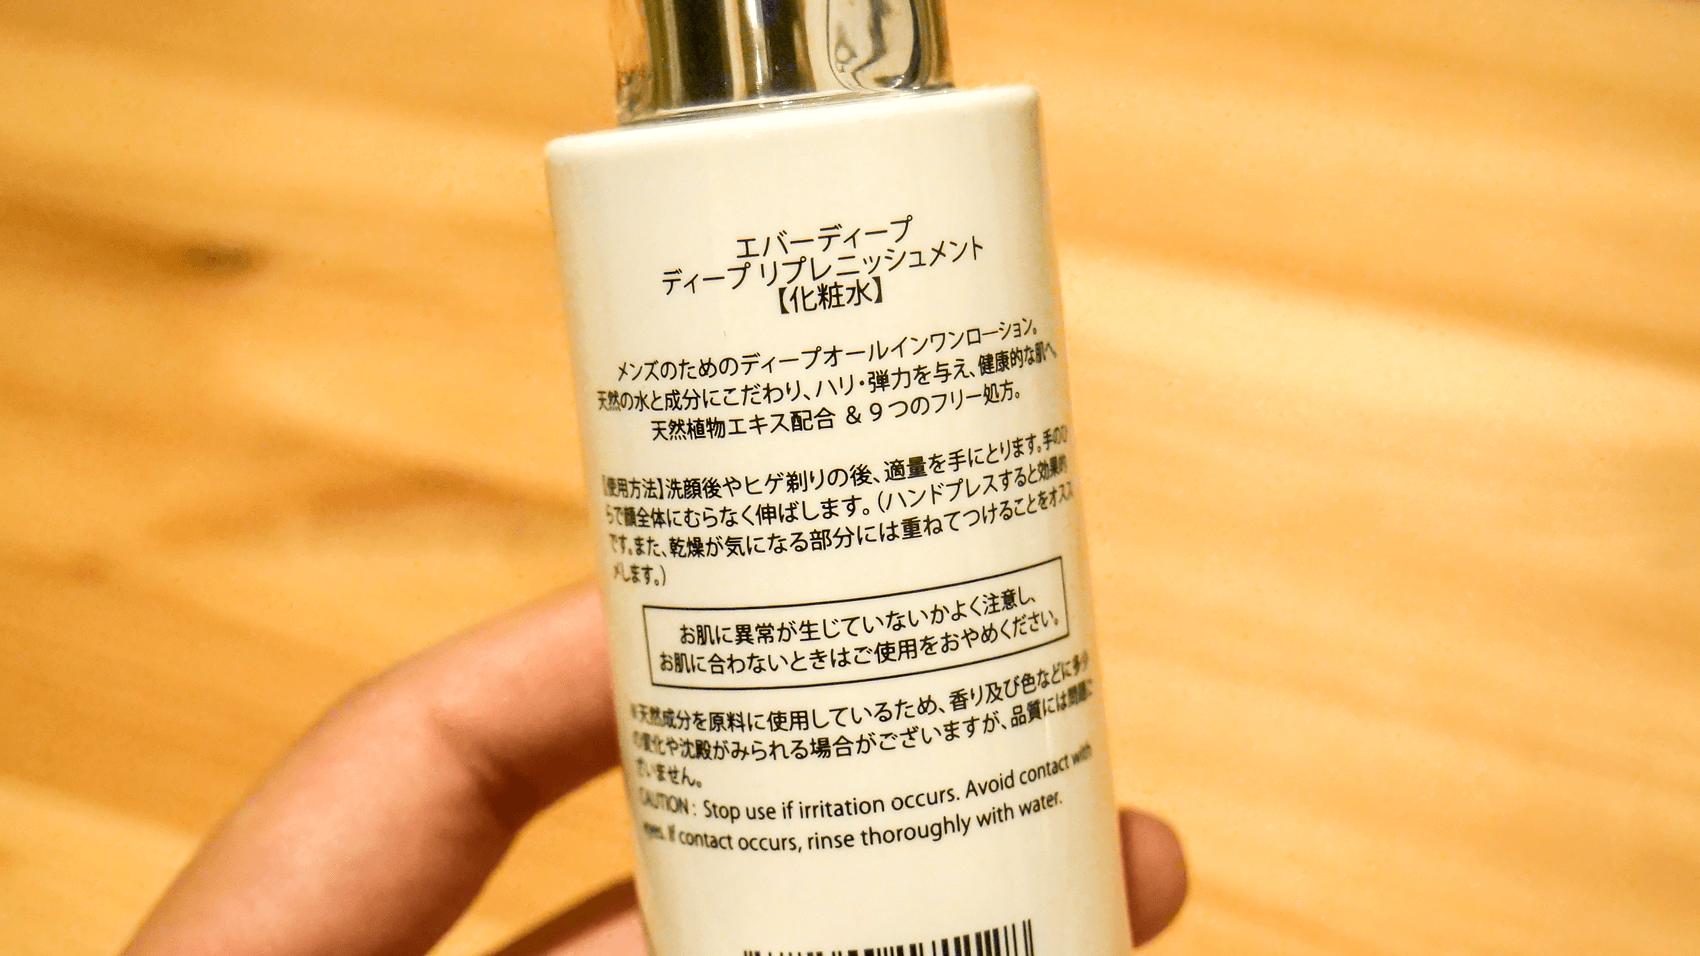 ボトルの裏側に書かれた使用方法